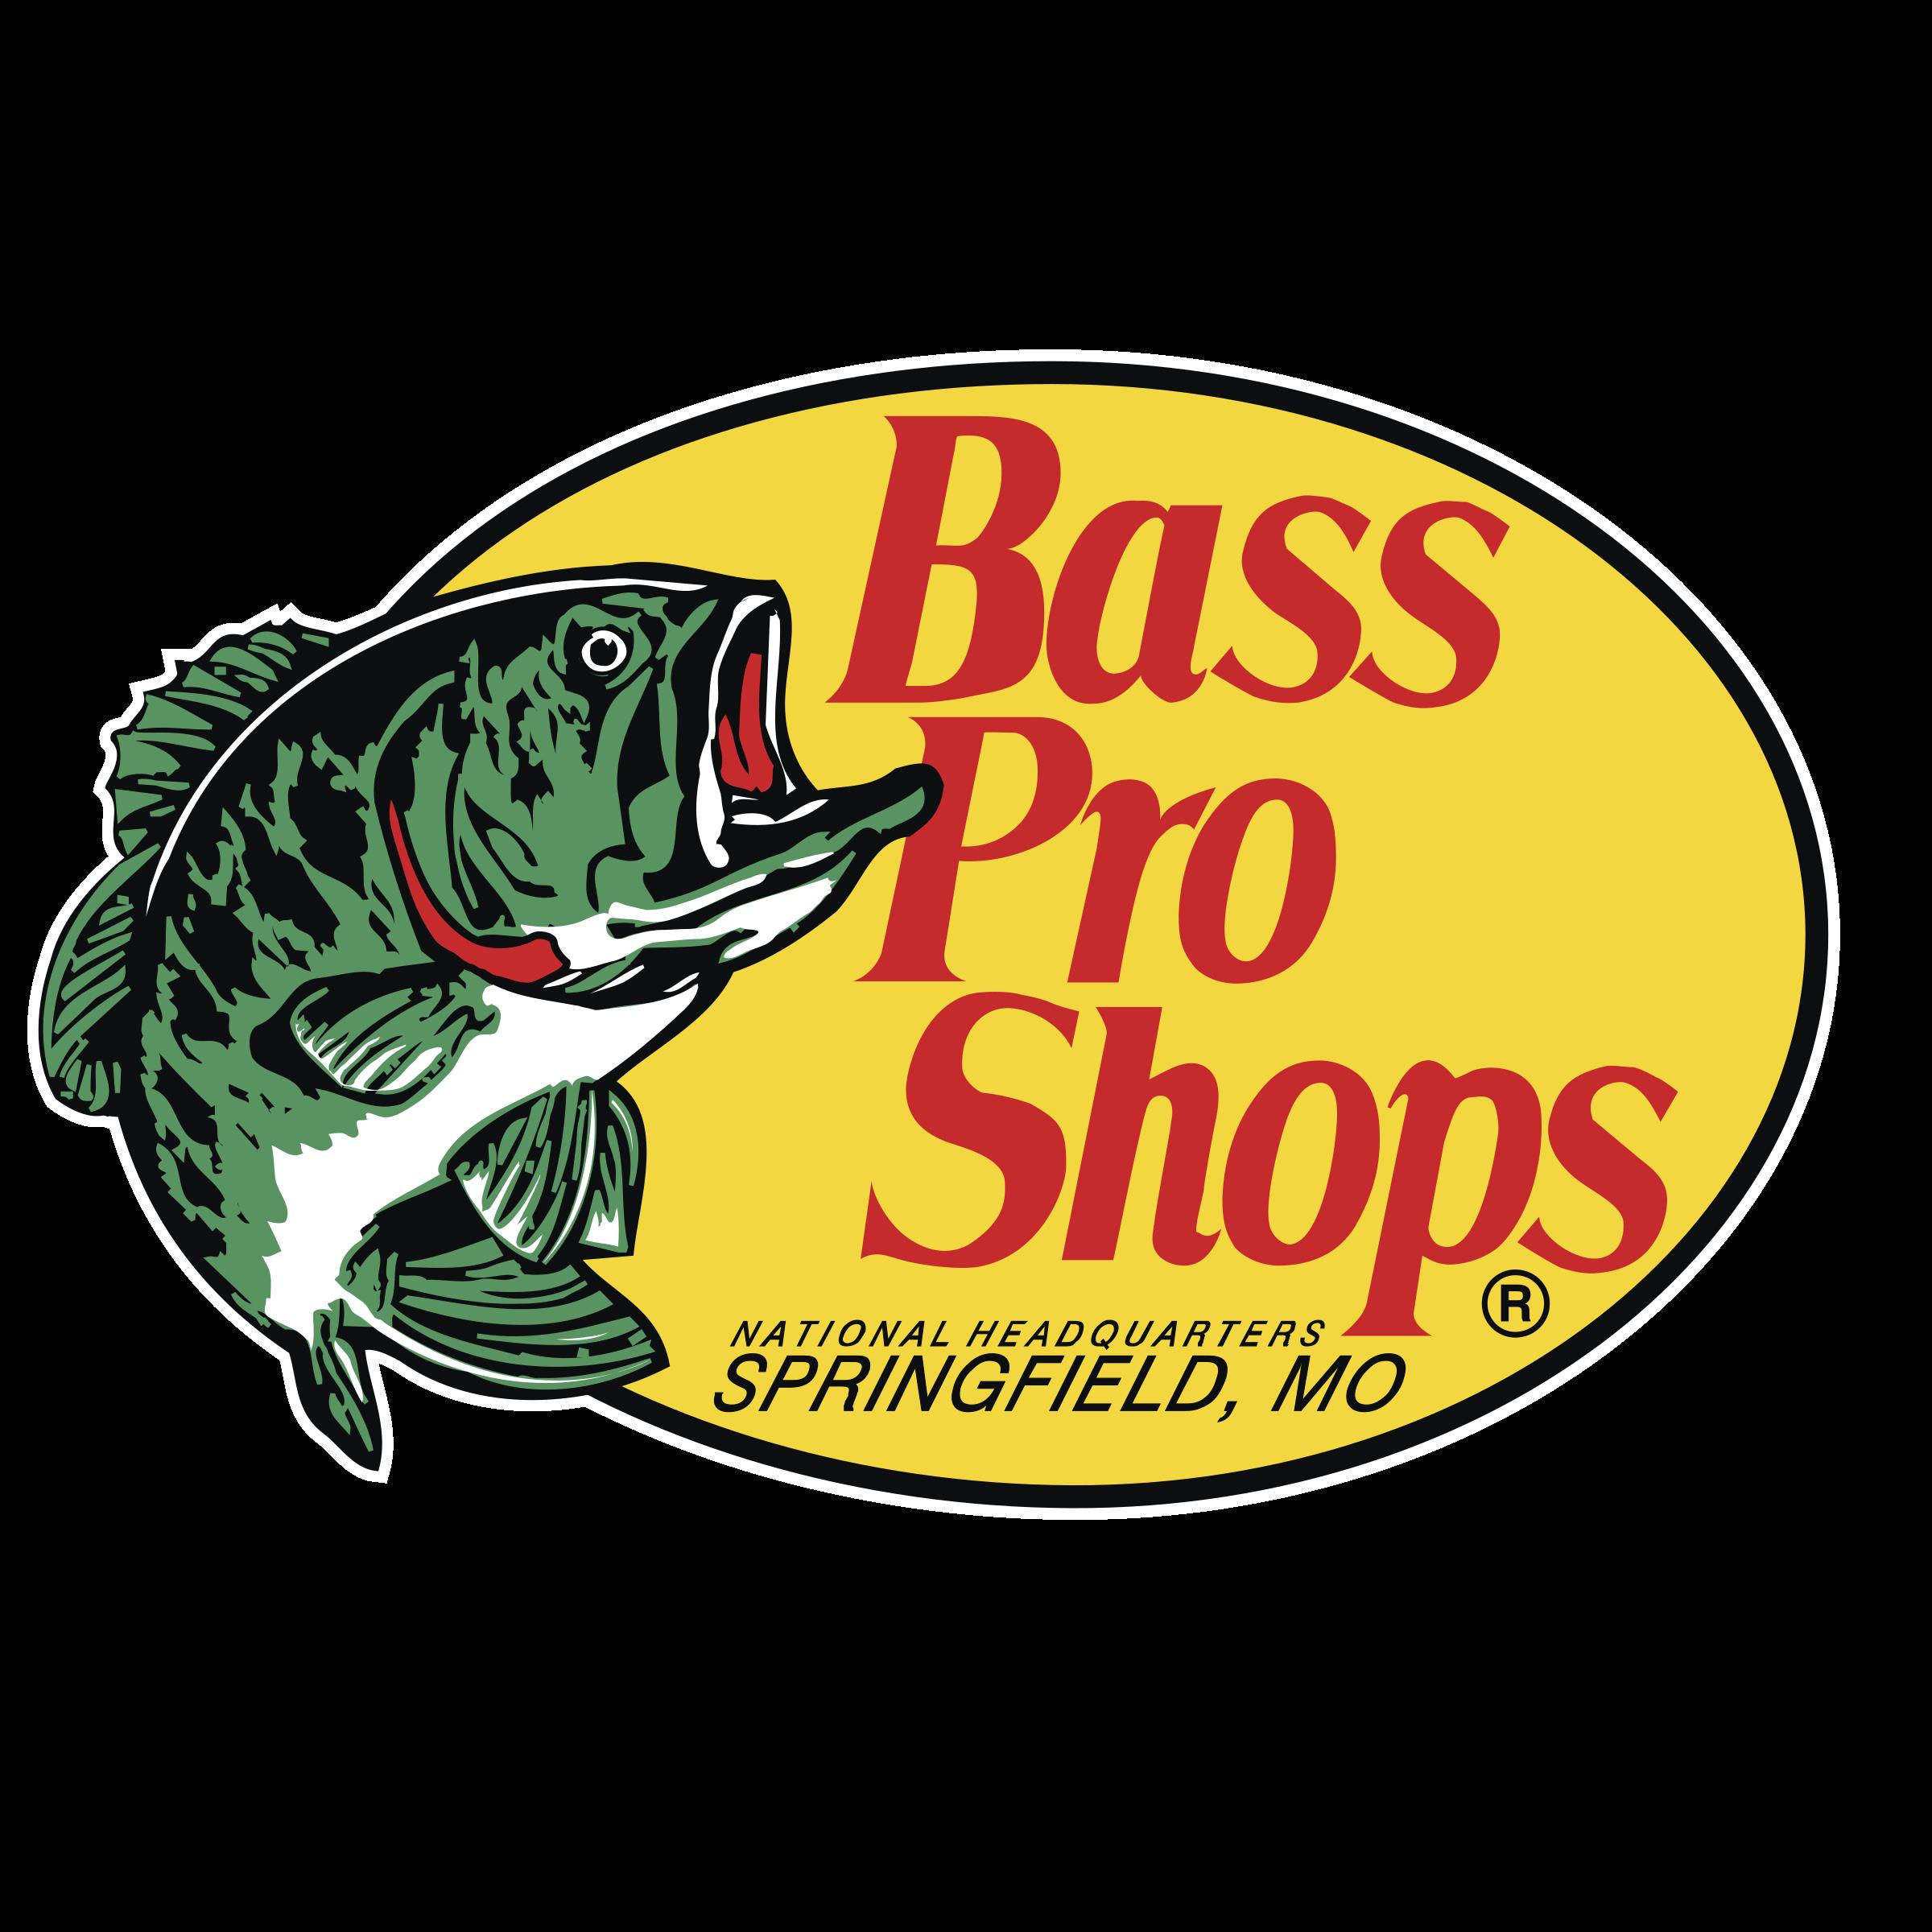 graphic download Bass svg emblem. Pro shops logo png